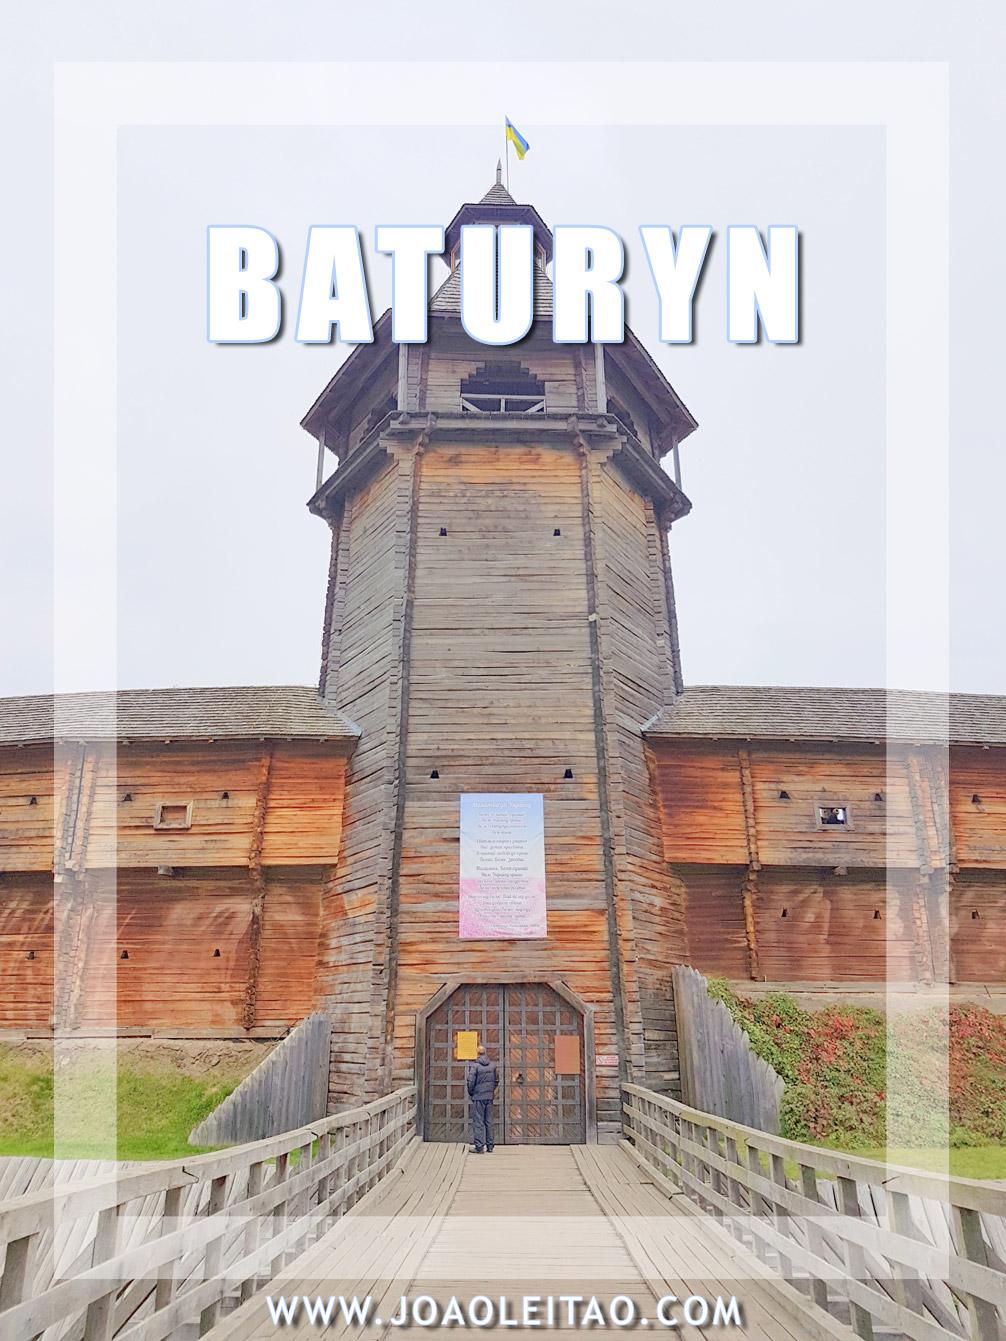 Visitar Baturyn, Ucrânia: Guia Prático de Viagem